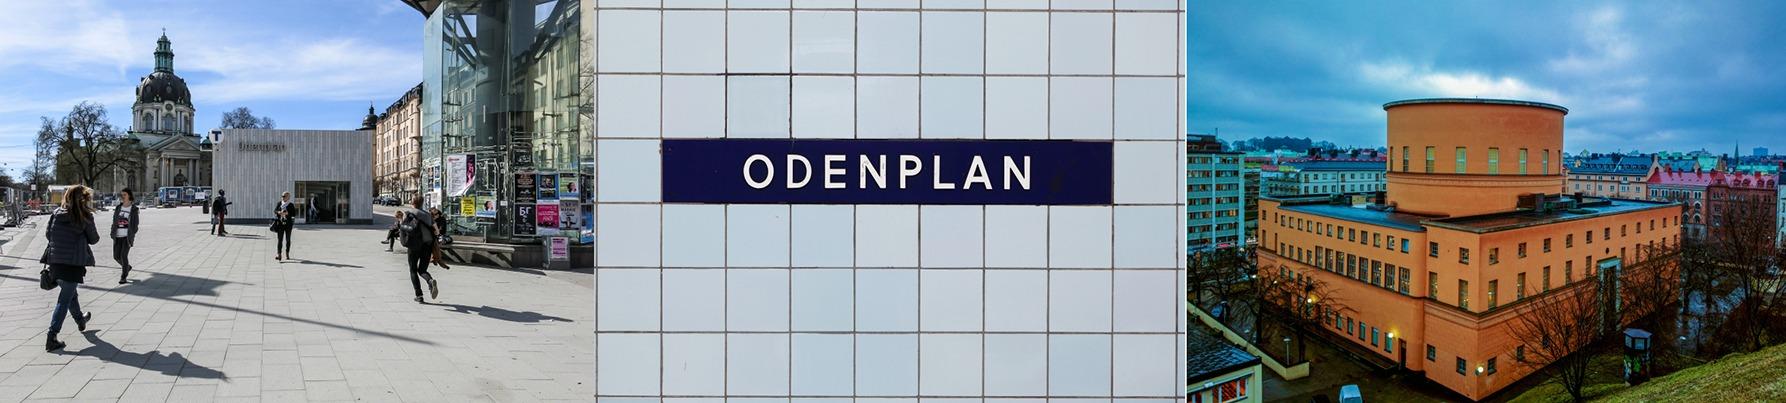 Akut tandvård Odenplan